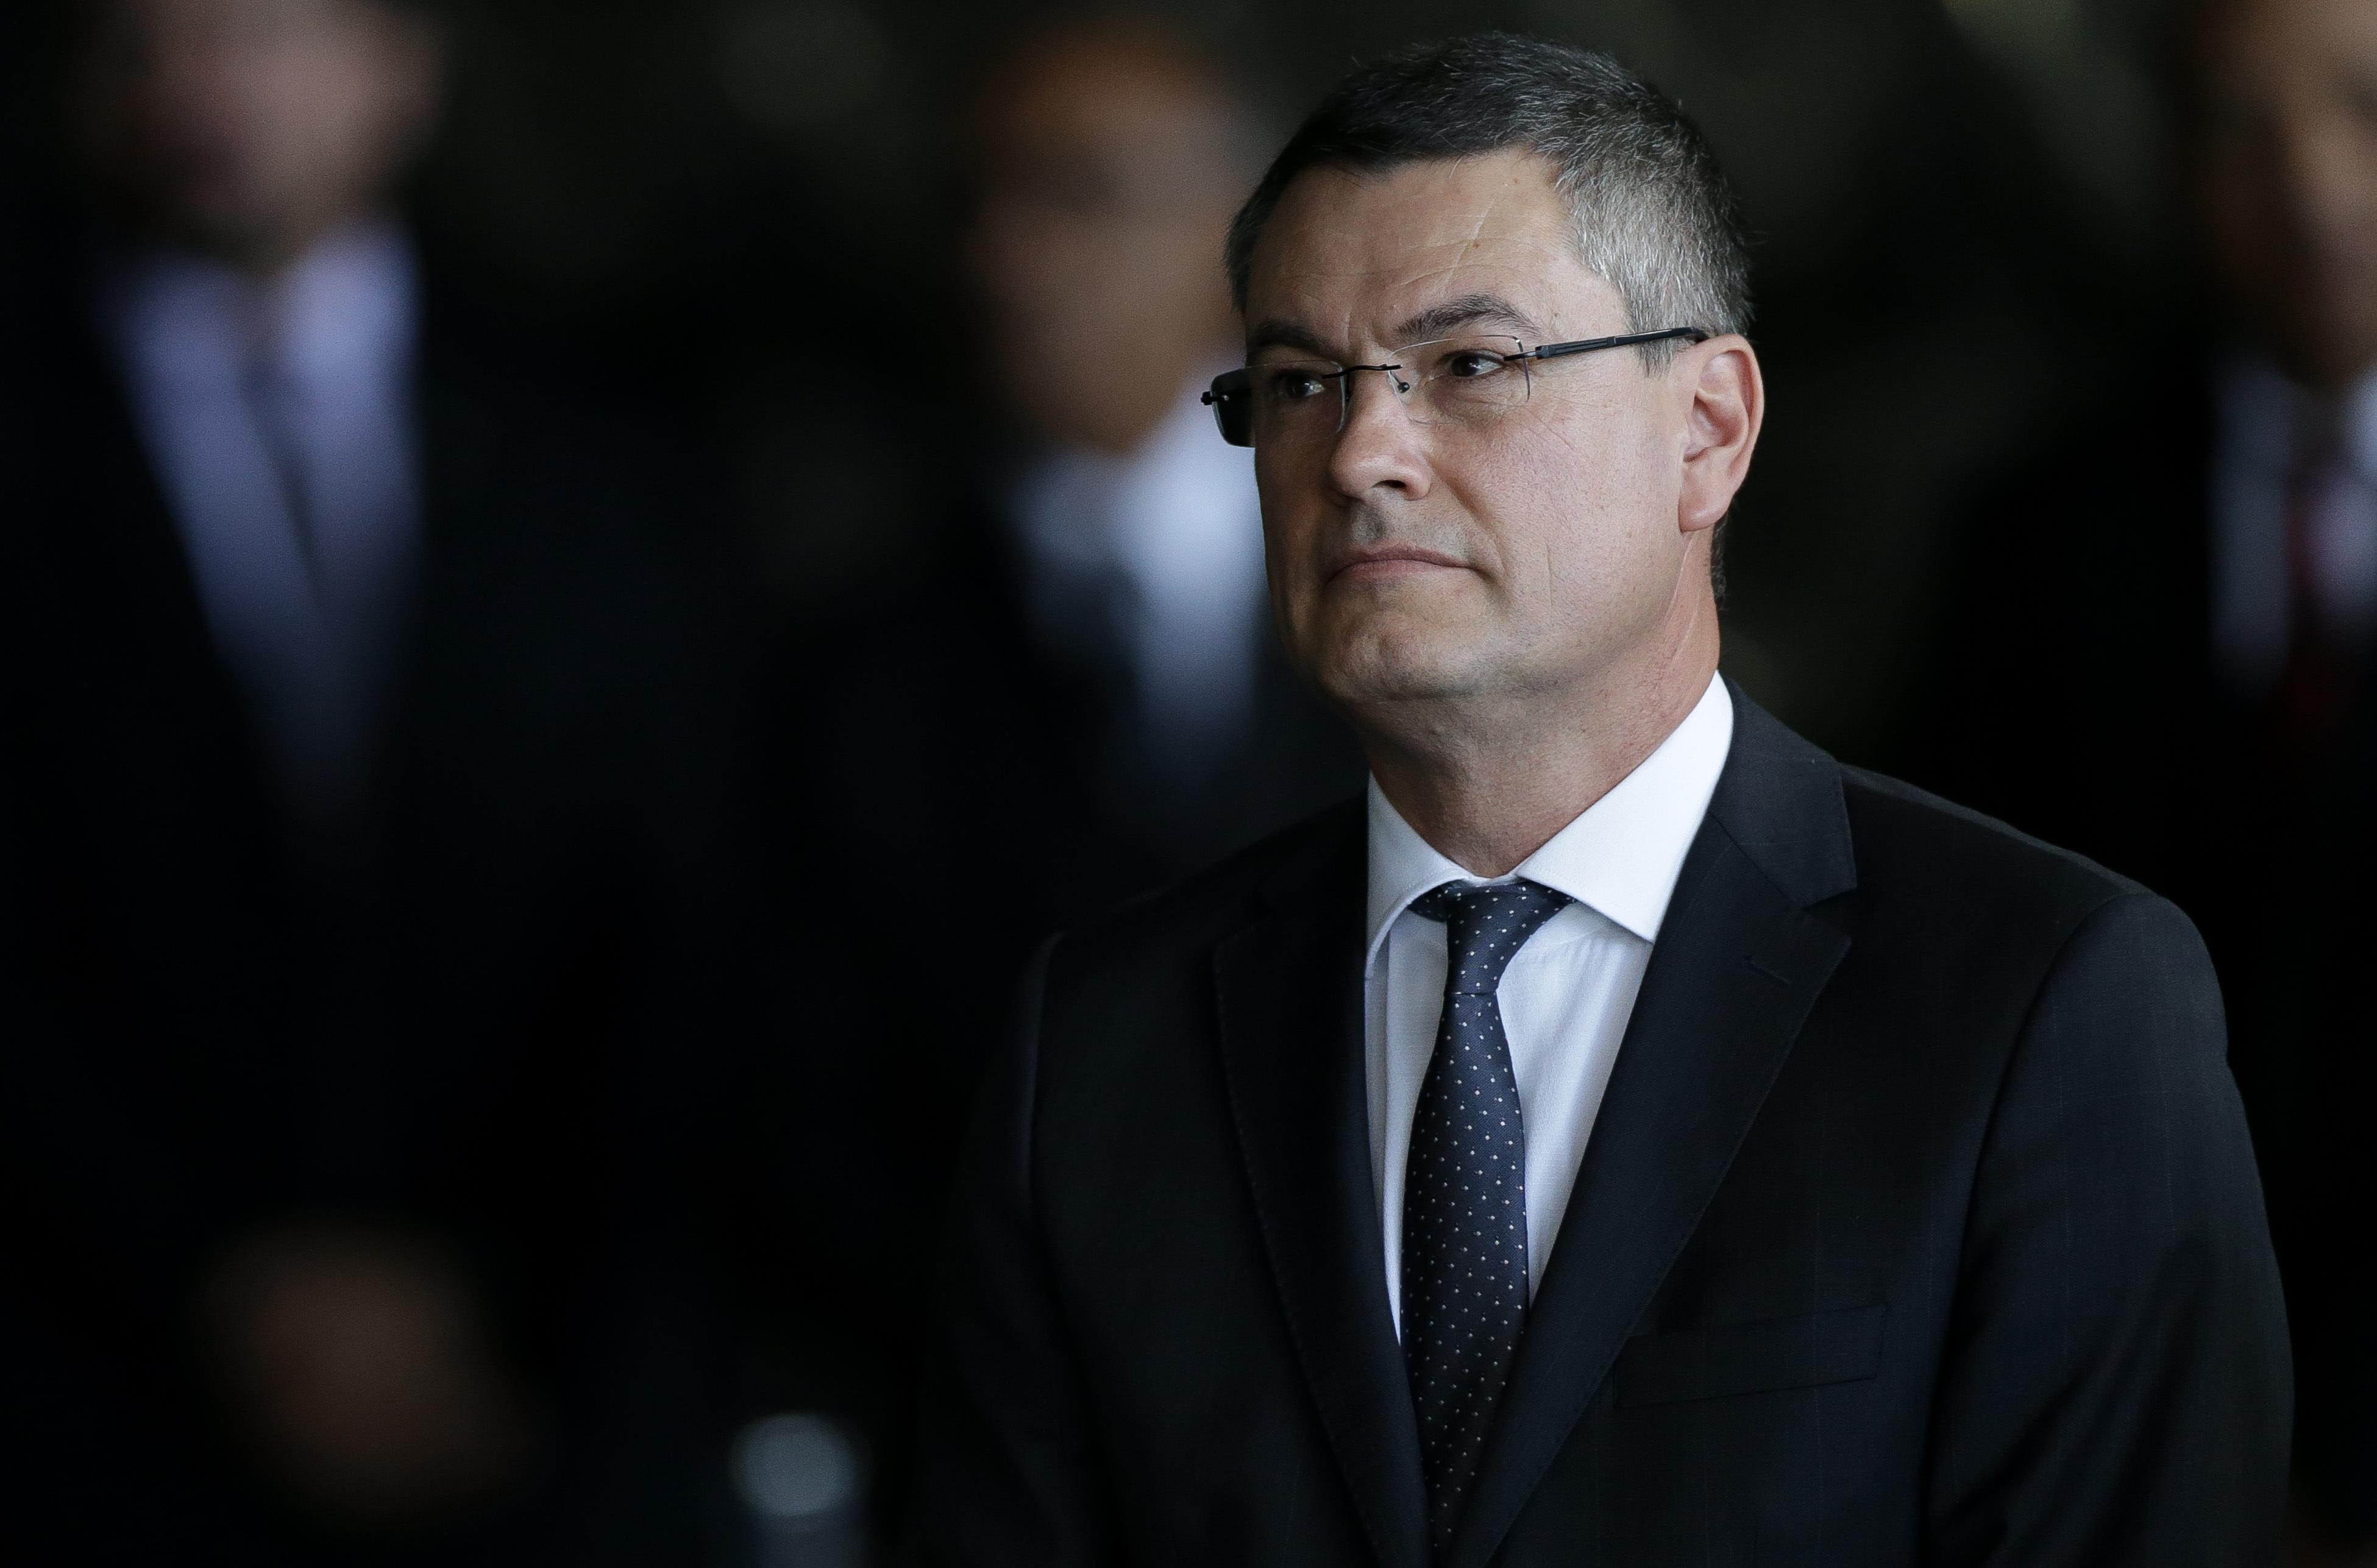 IMAGEM: Inquérito sobre milicianos teria motivado crise com PF